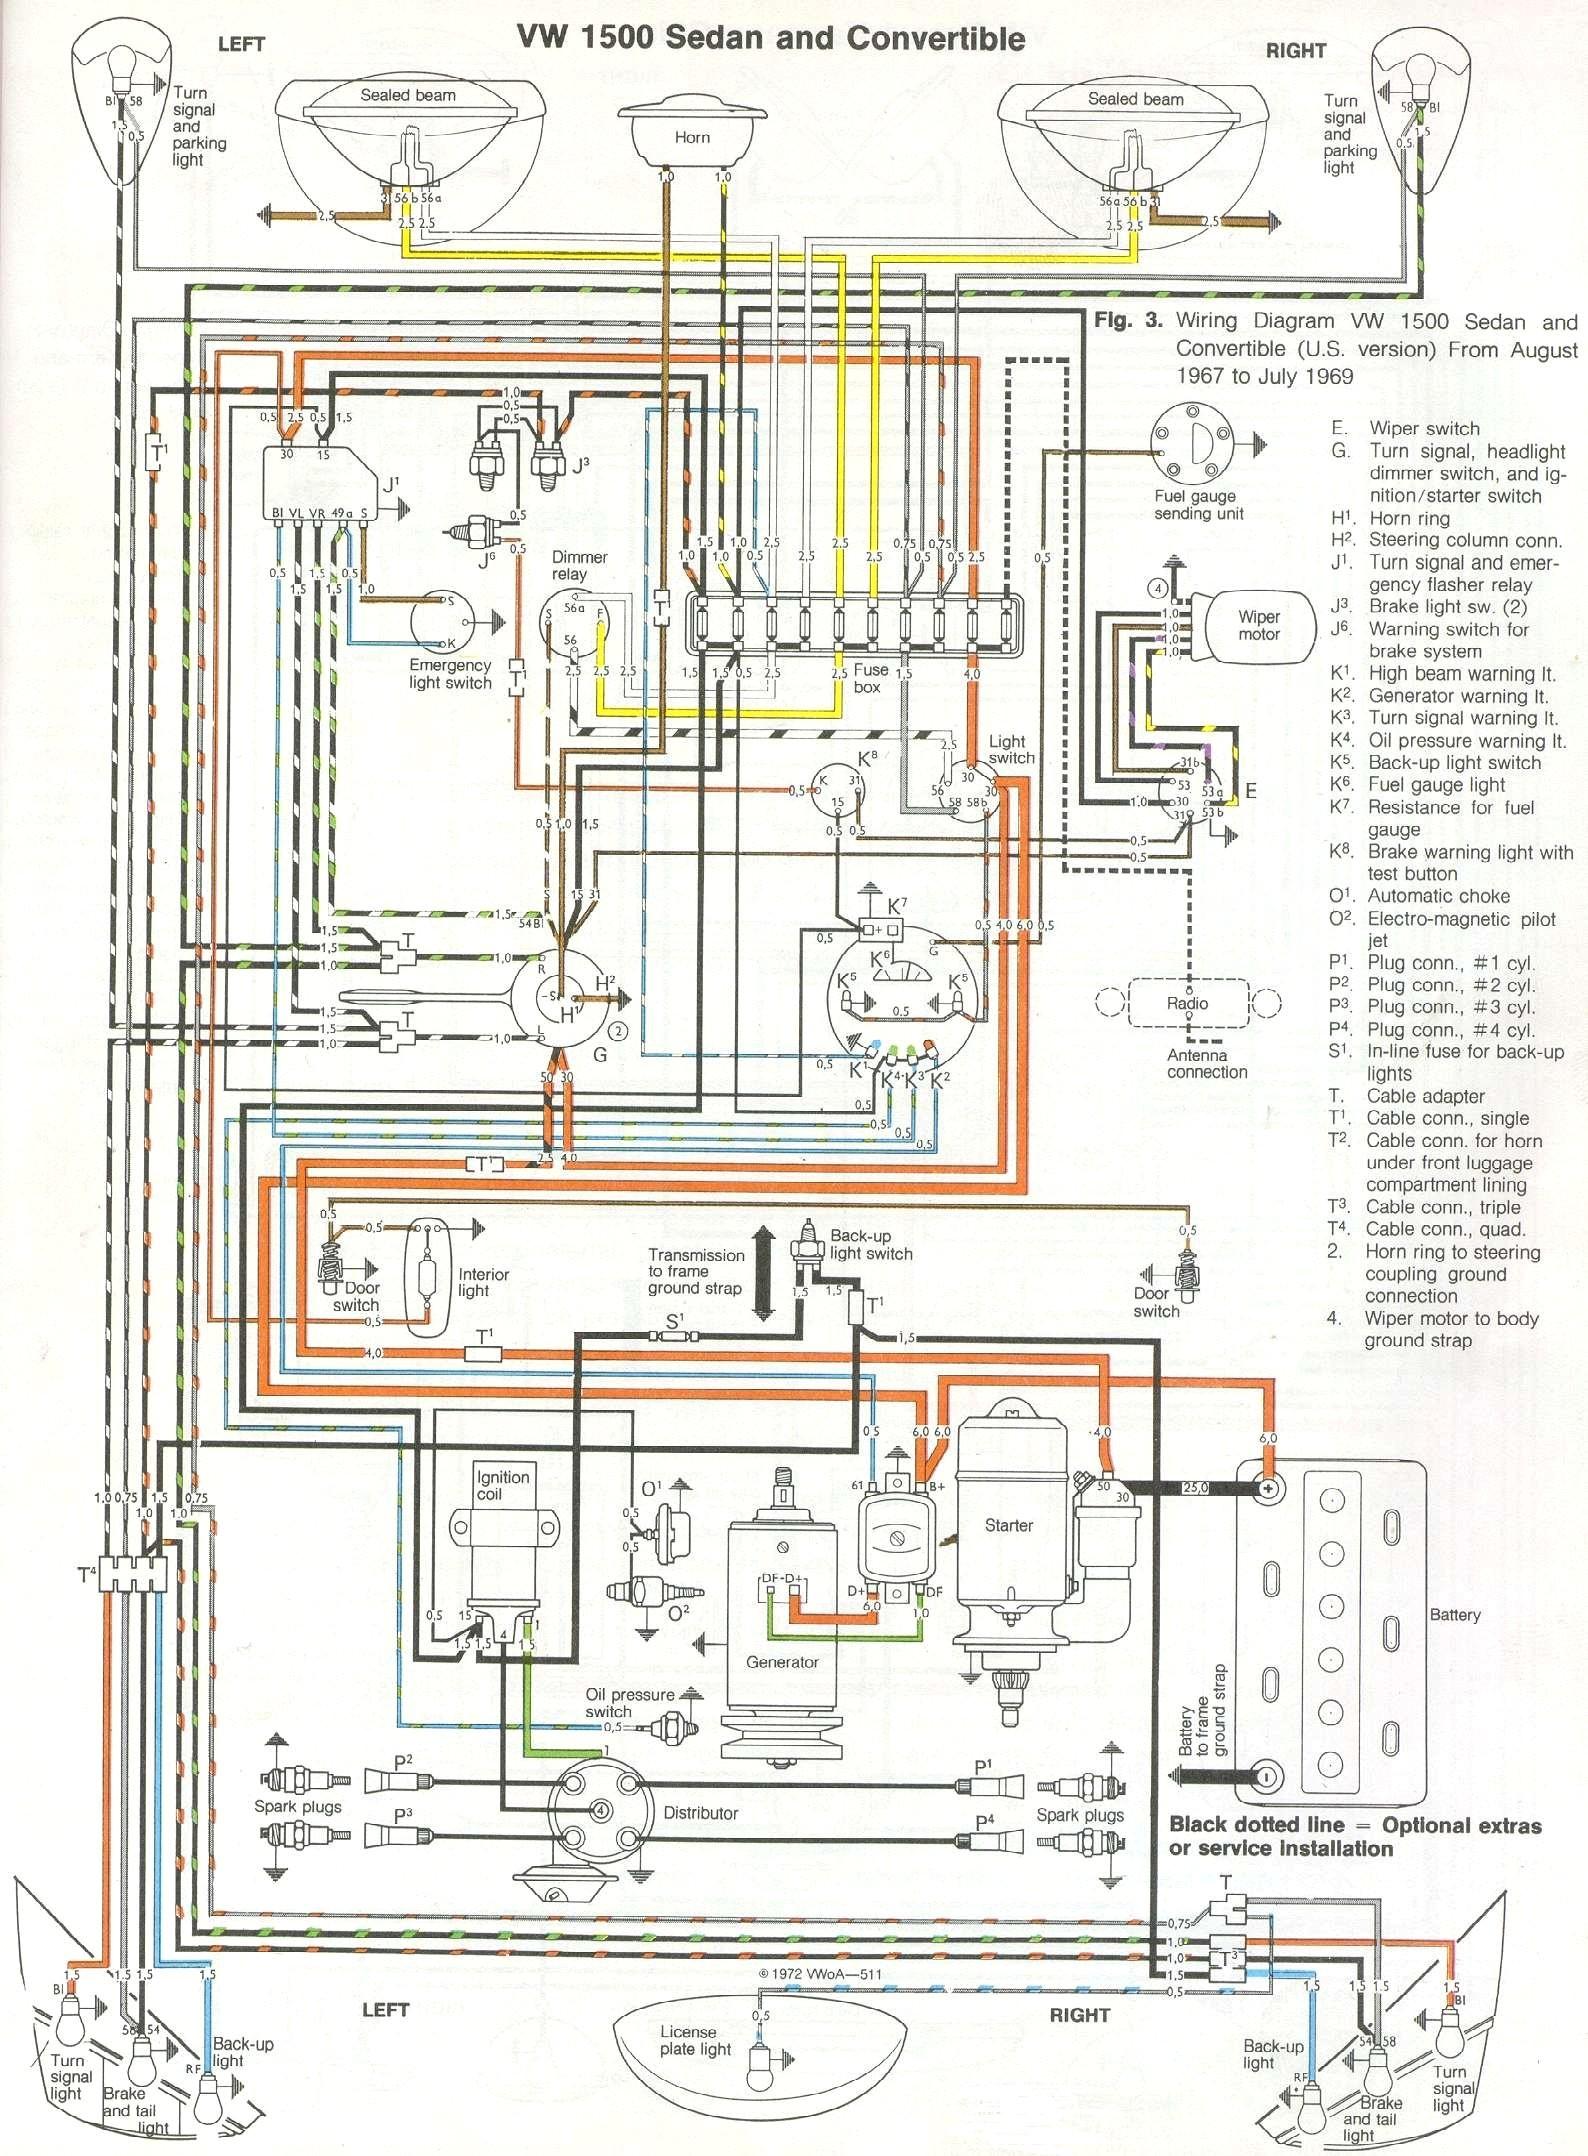 Thesamba Type 1 Wiring Diagrams 1973 Vw Super Beetle Wiring Diagram 2 1973 Vw Super Beetle Wiring Diagram